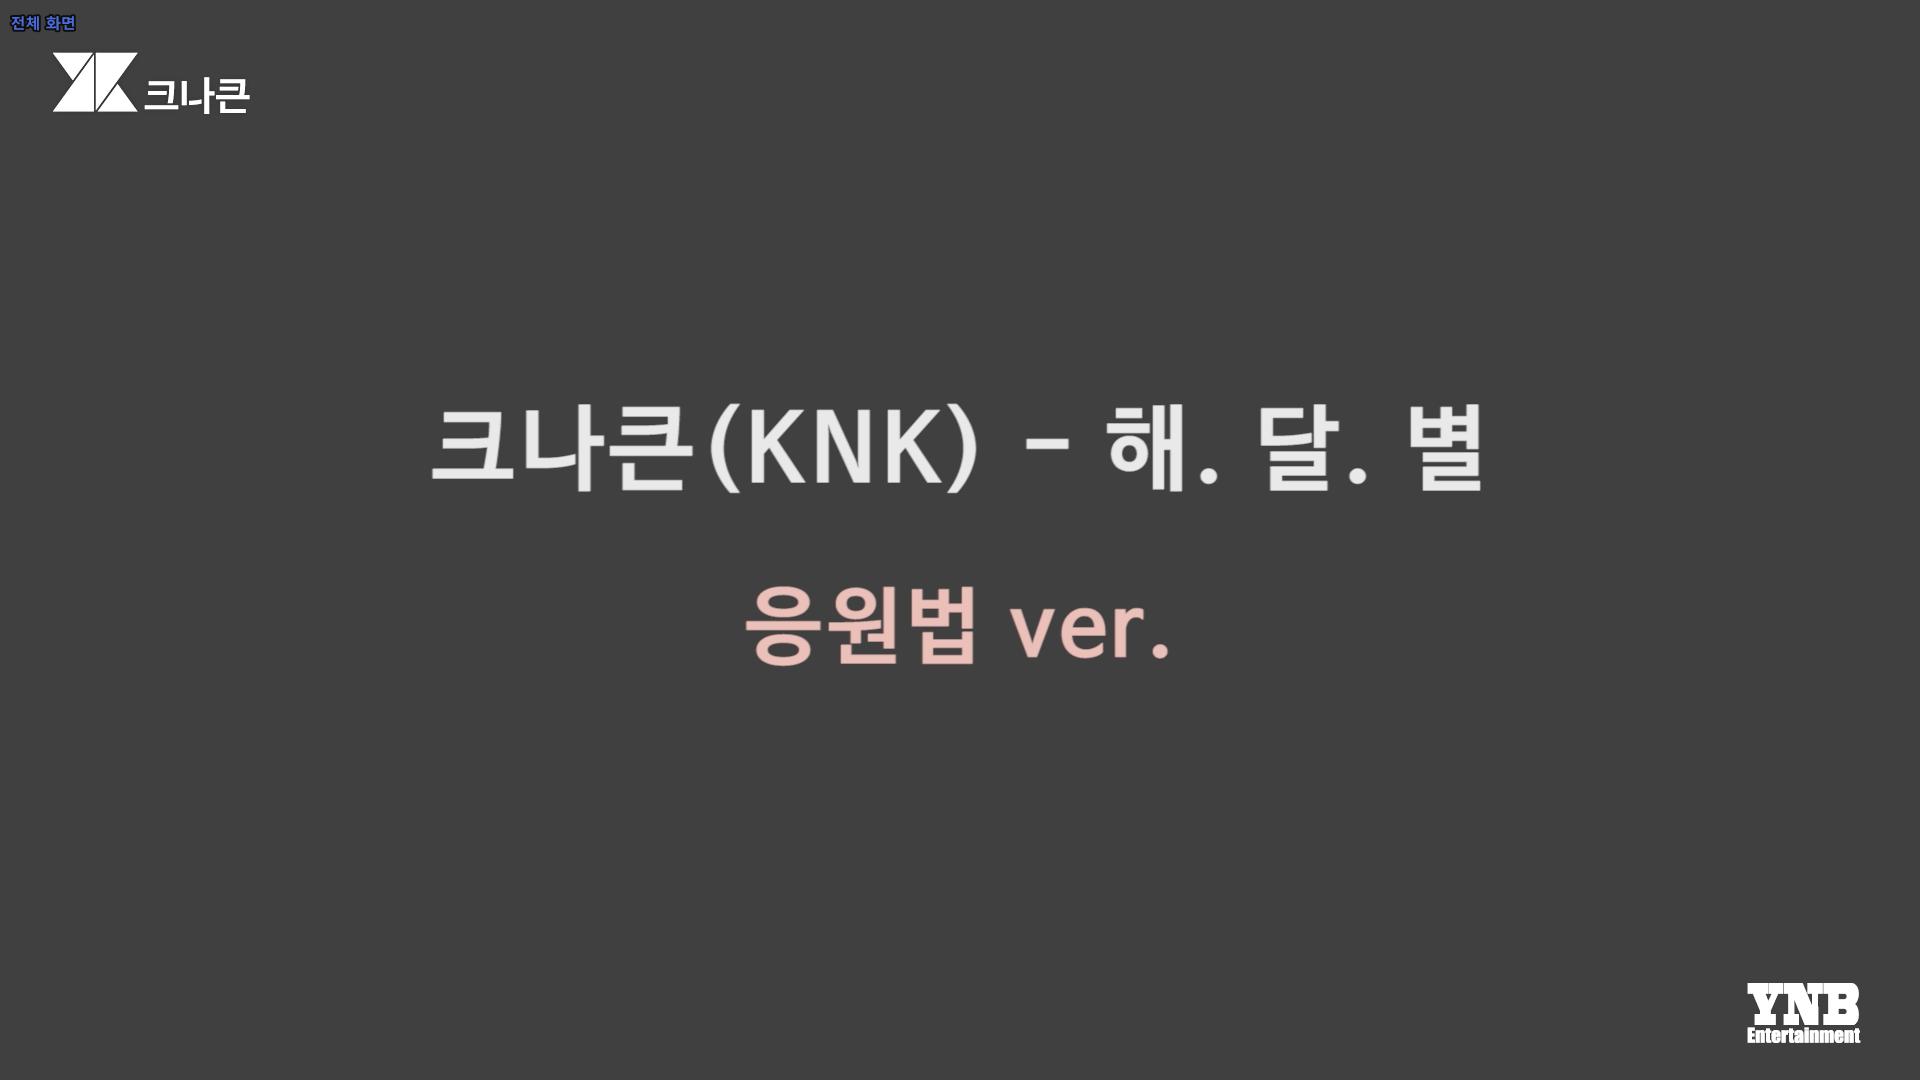 크나큰(KNK) -해.달.별 (응원법ver.)